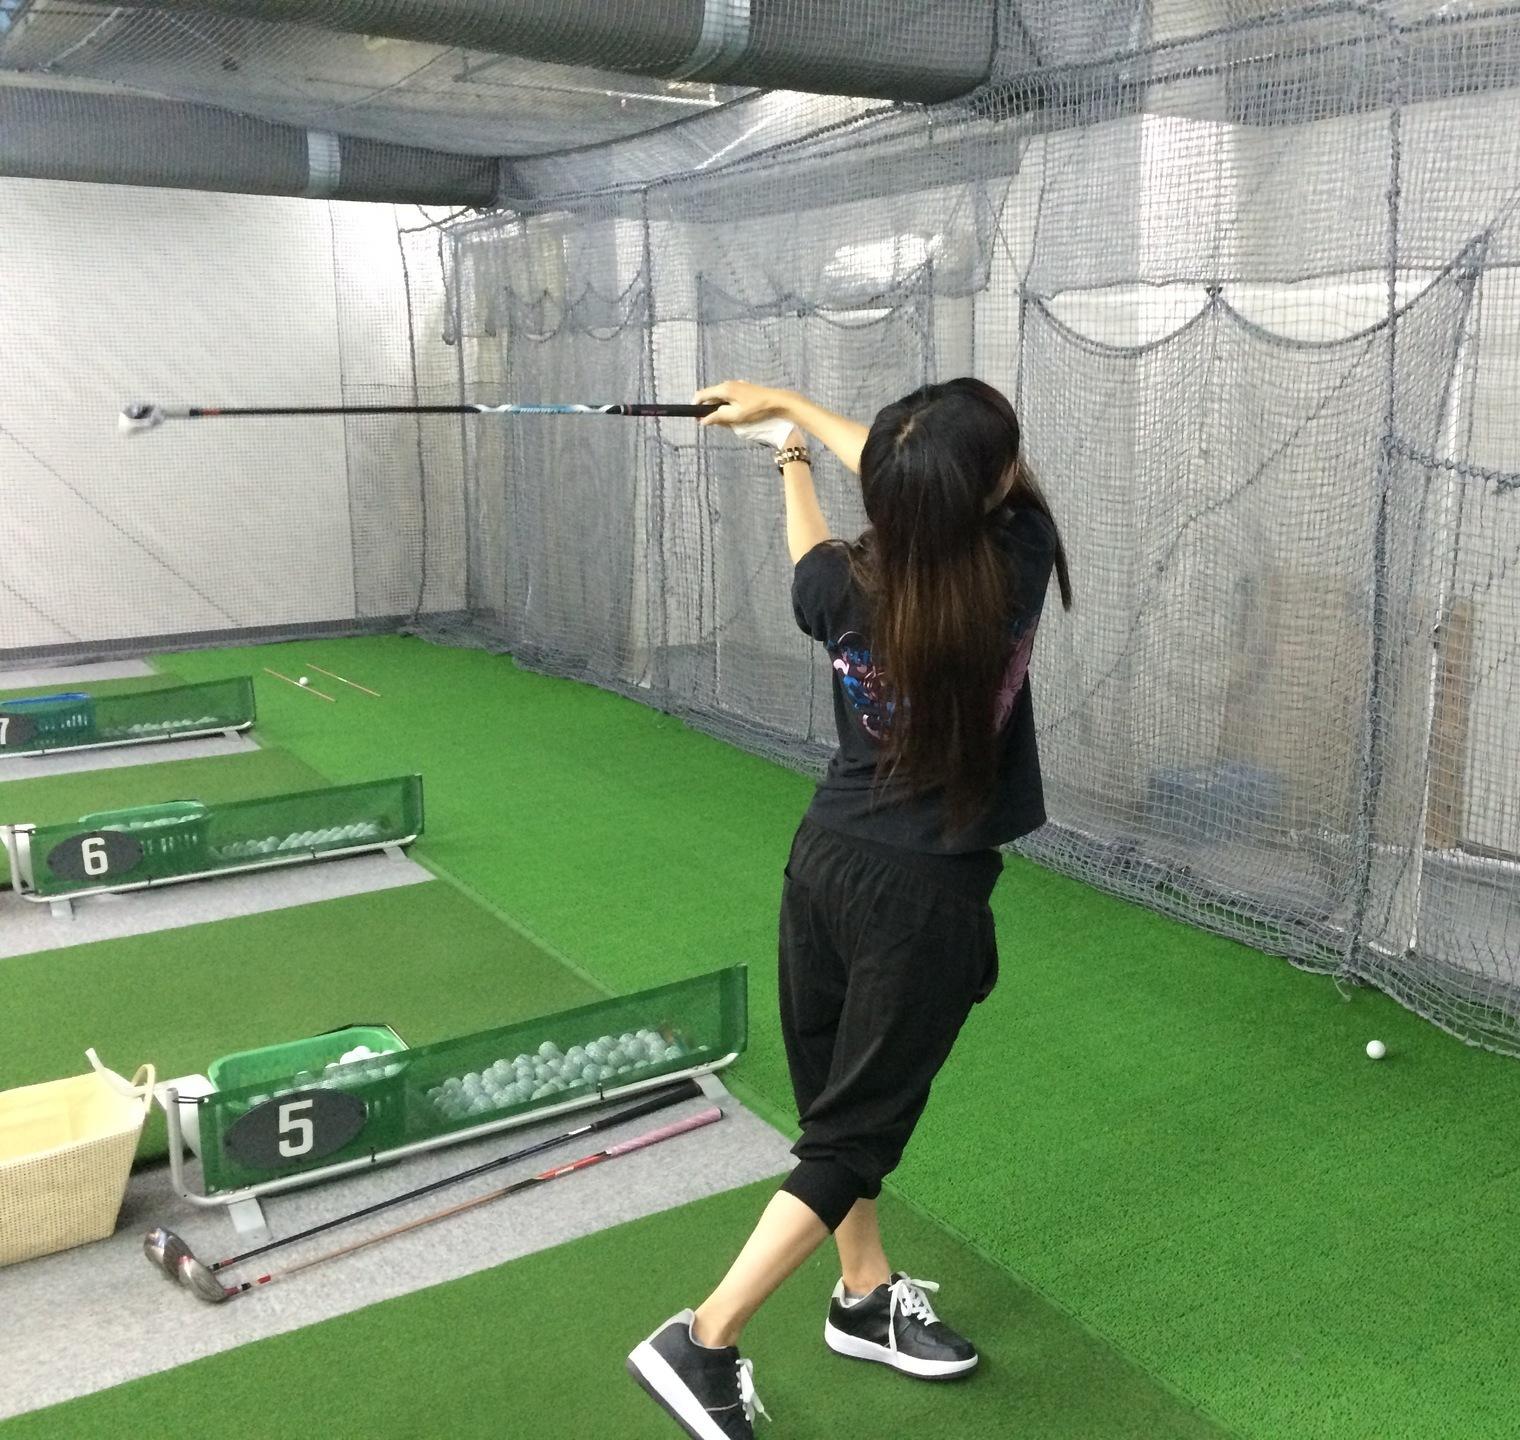 I&Bゴルフスクール